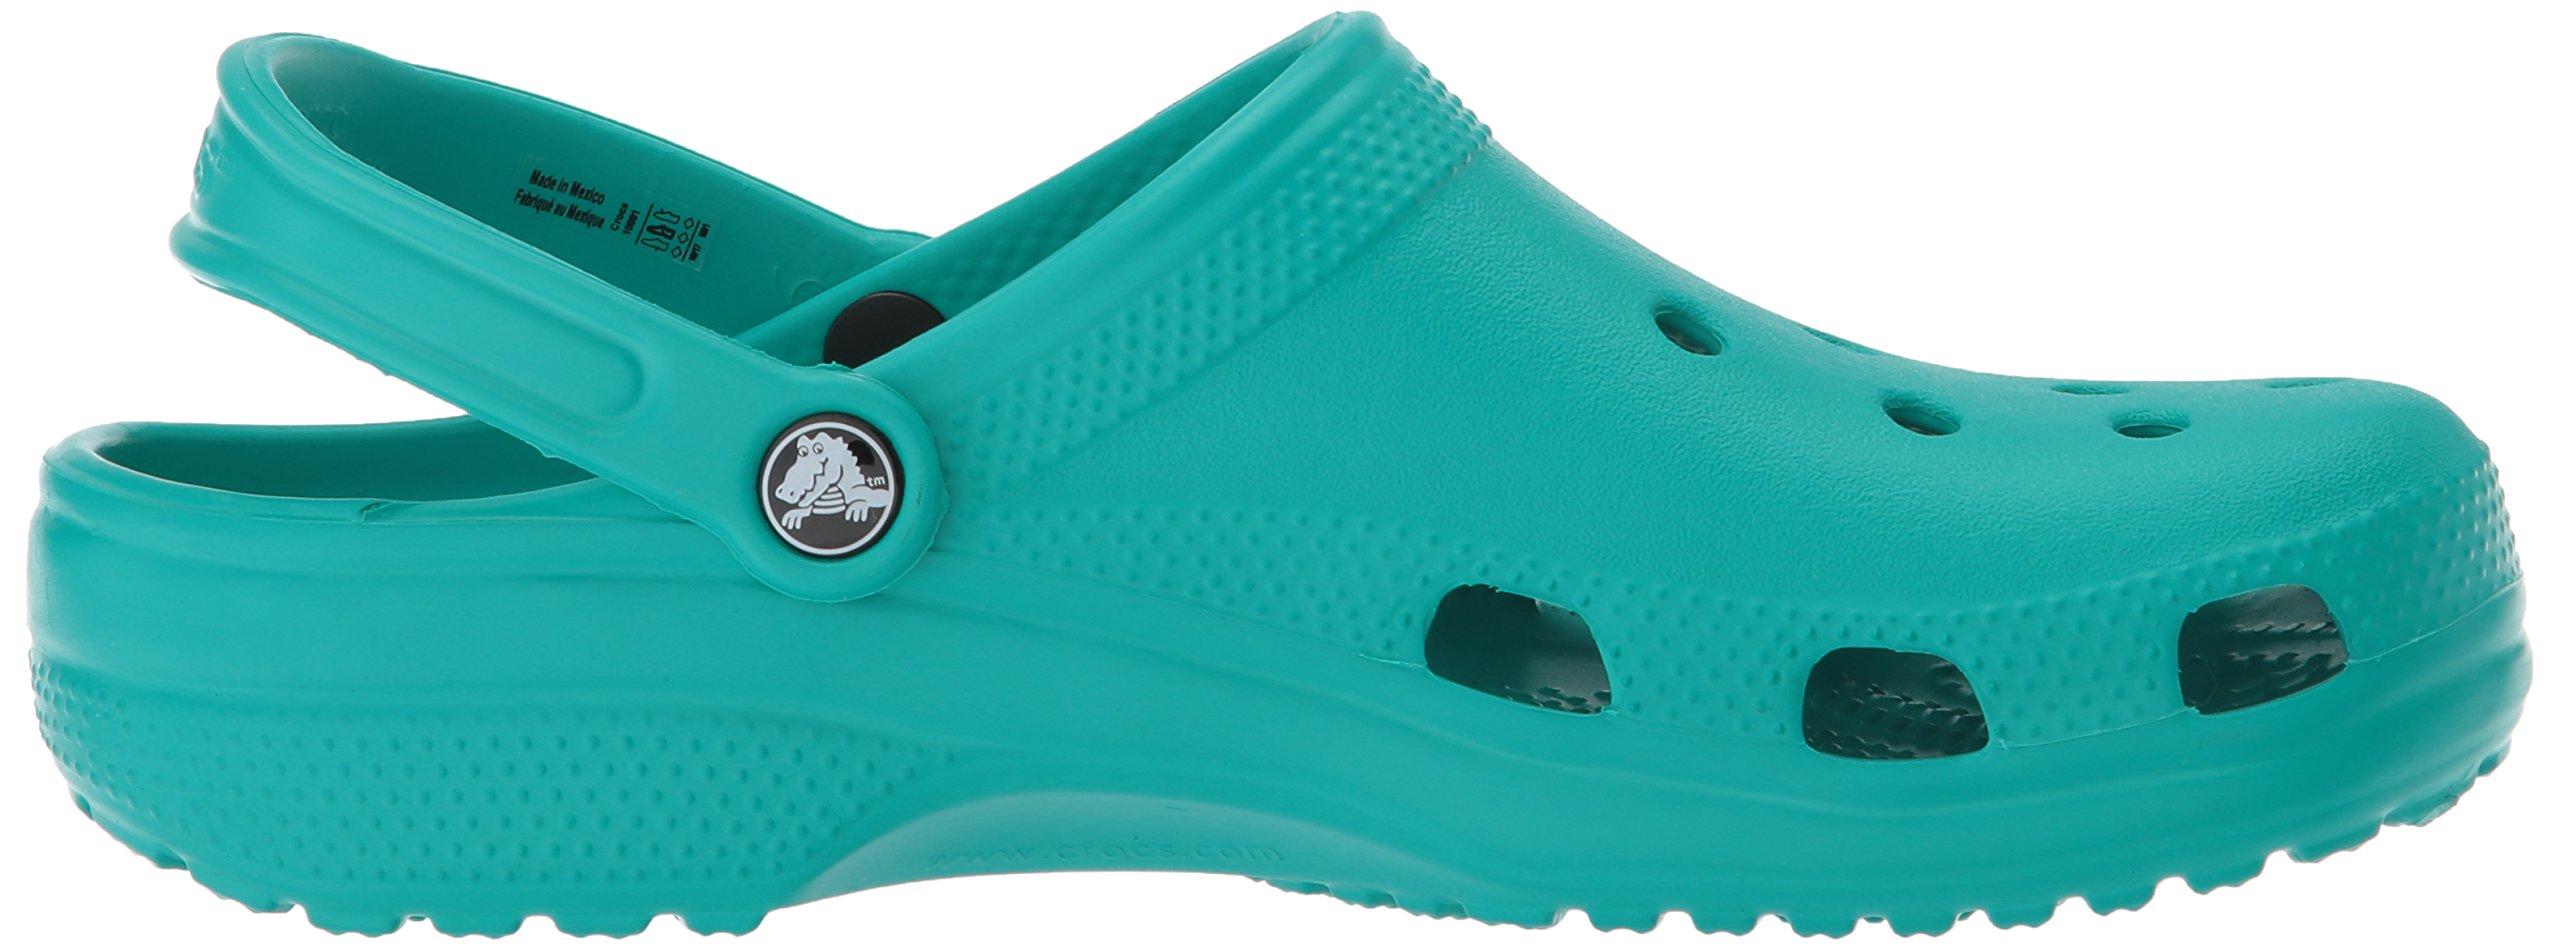 Buy Crocs Now!